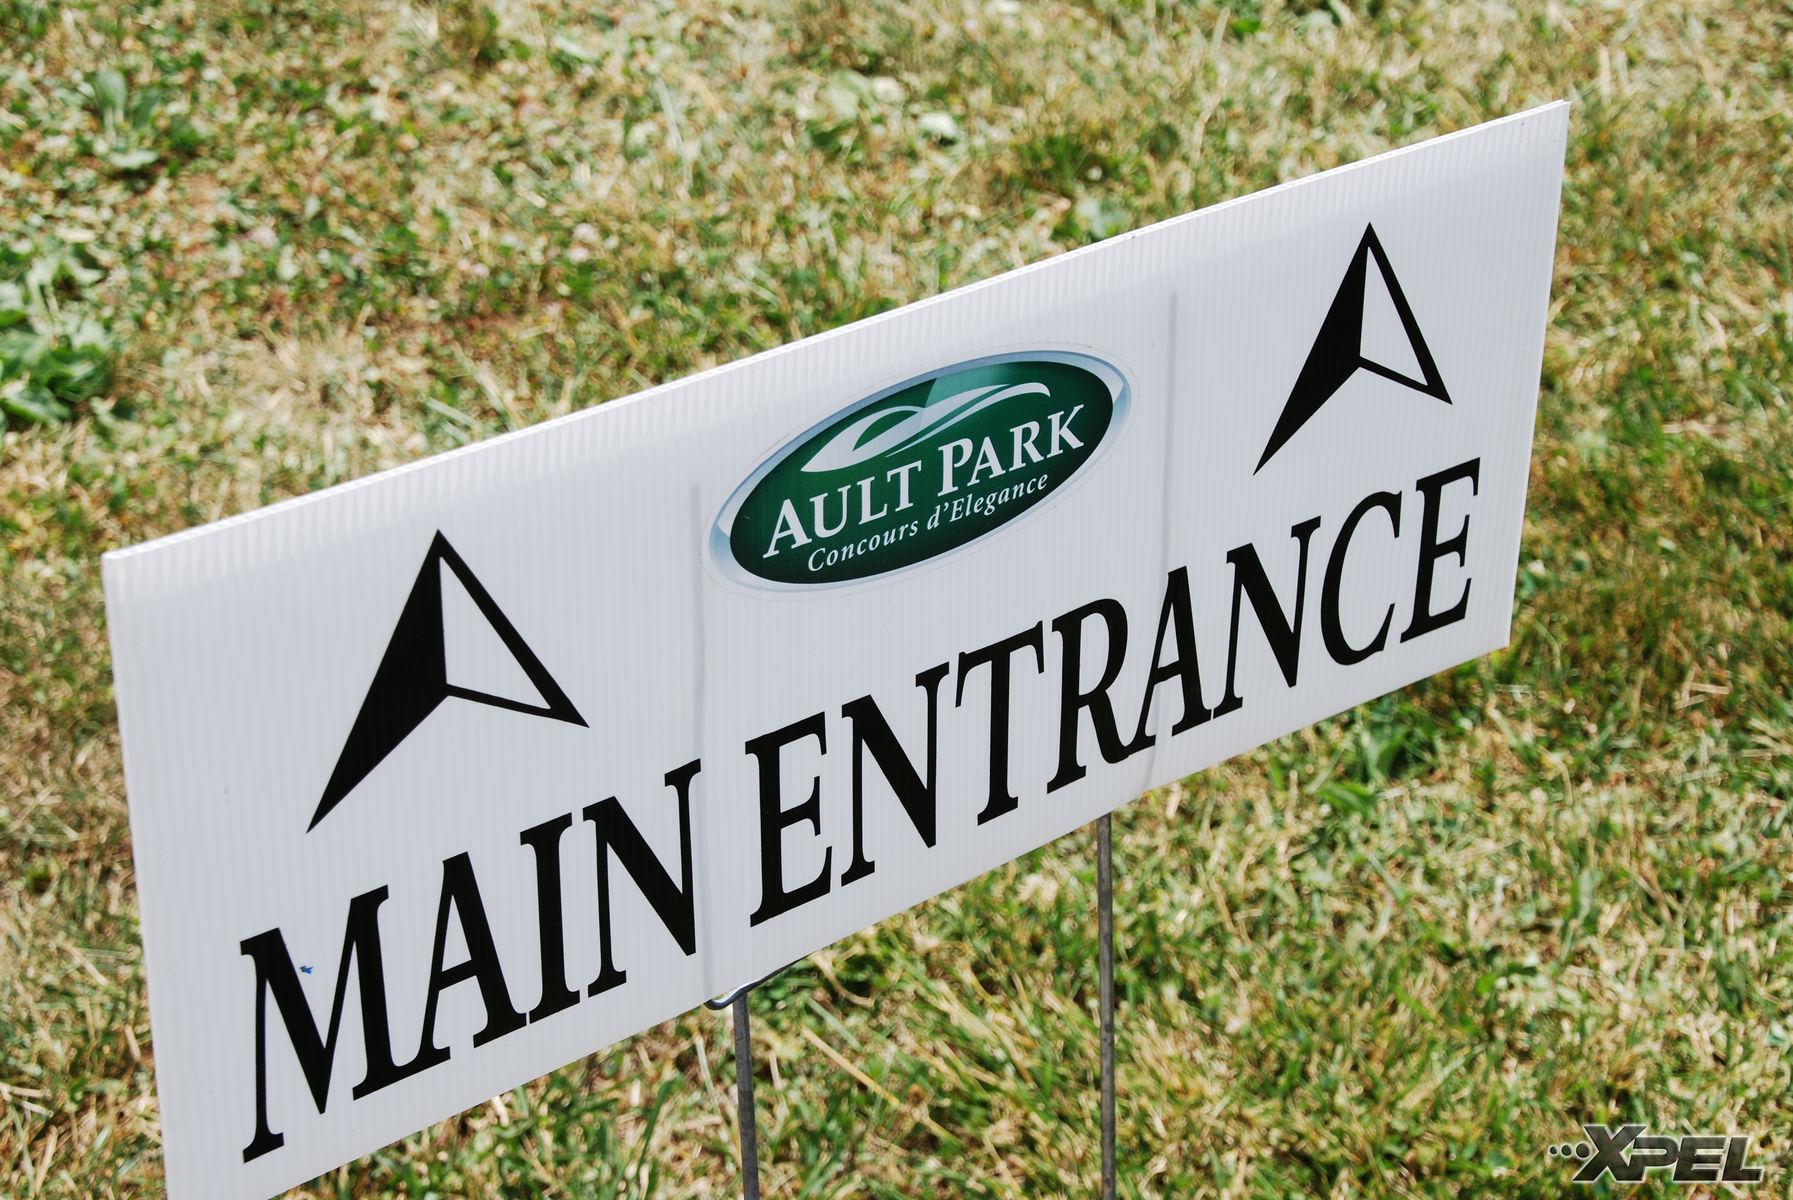 | Ault Park Concours d'Elegance